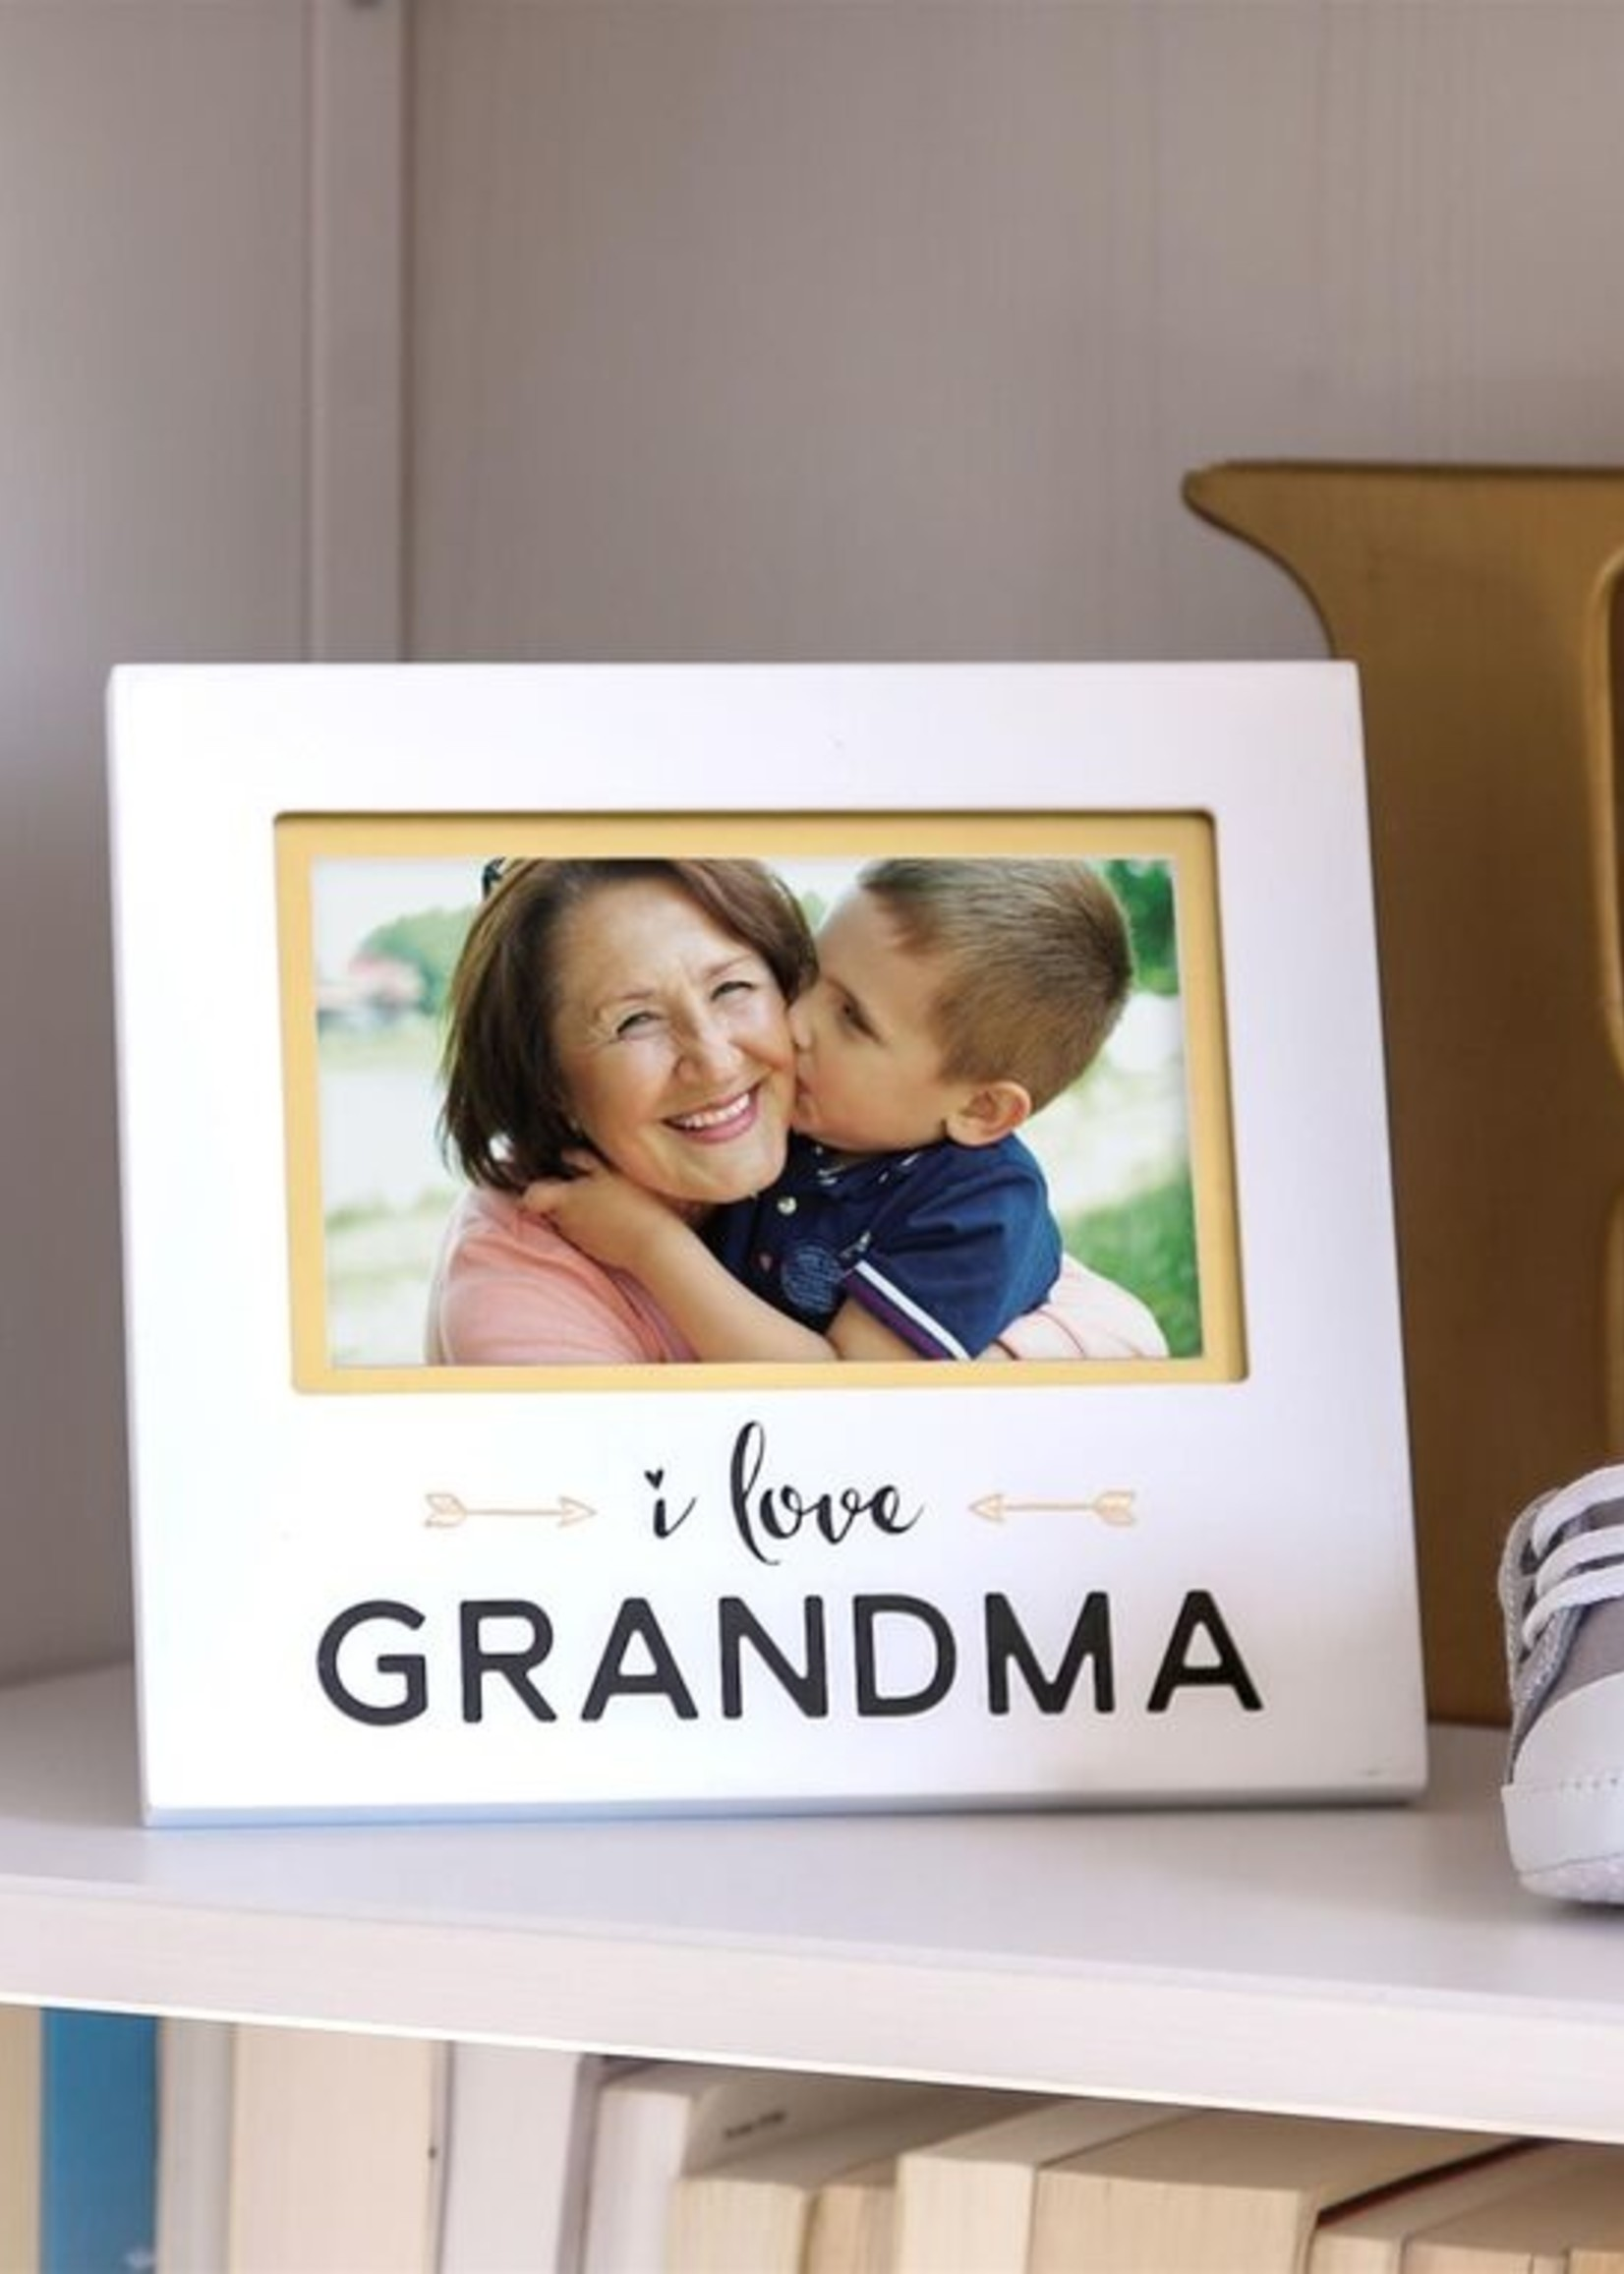 pearhead Pearhead grandma frame